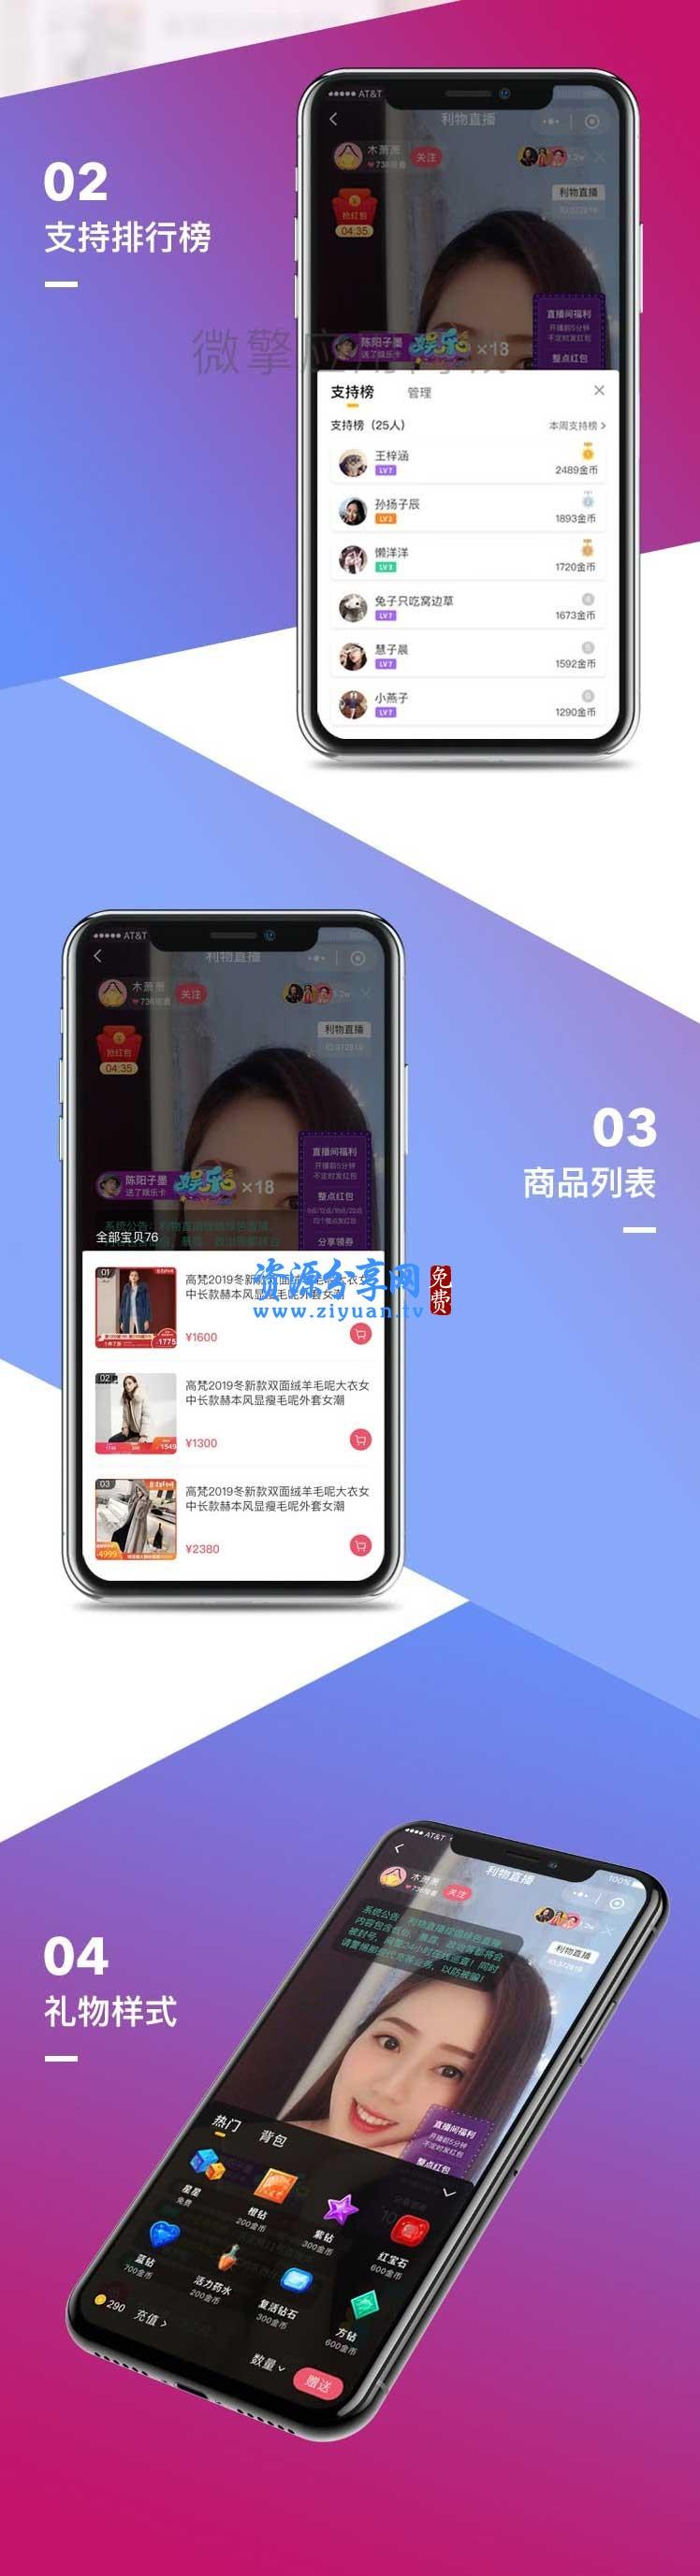 利物购物 1.1.36 直播购物商城小程序 微信小程序直播购物商城